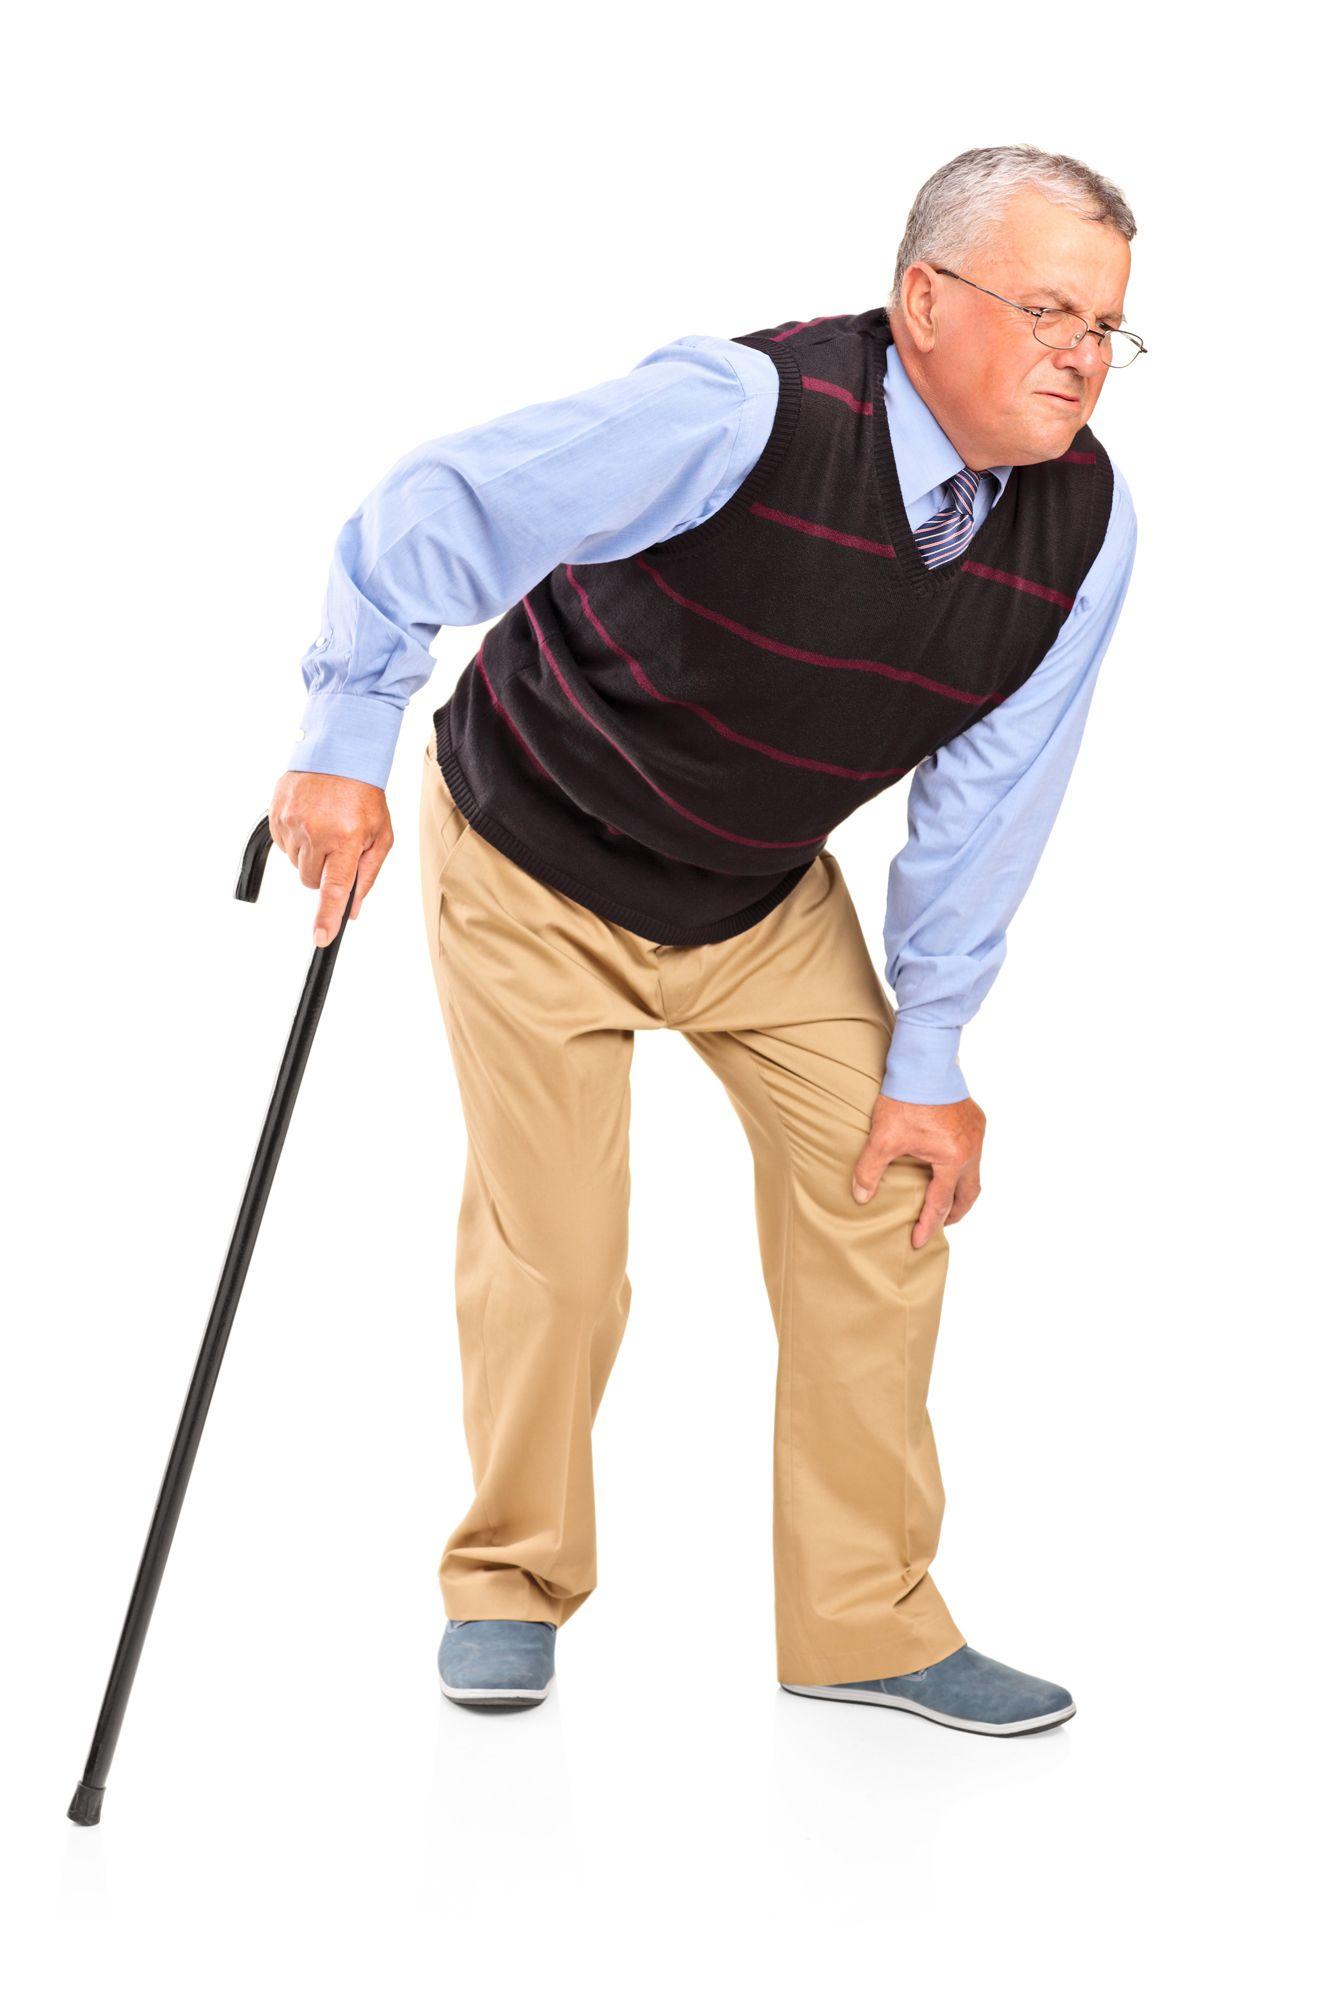 Группа инвалидности после эндопротезирования тазобедренного сустава